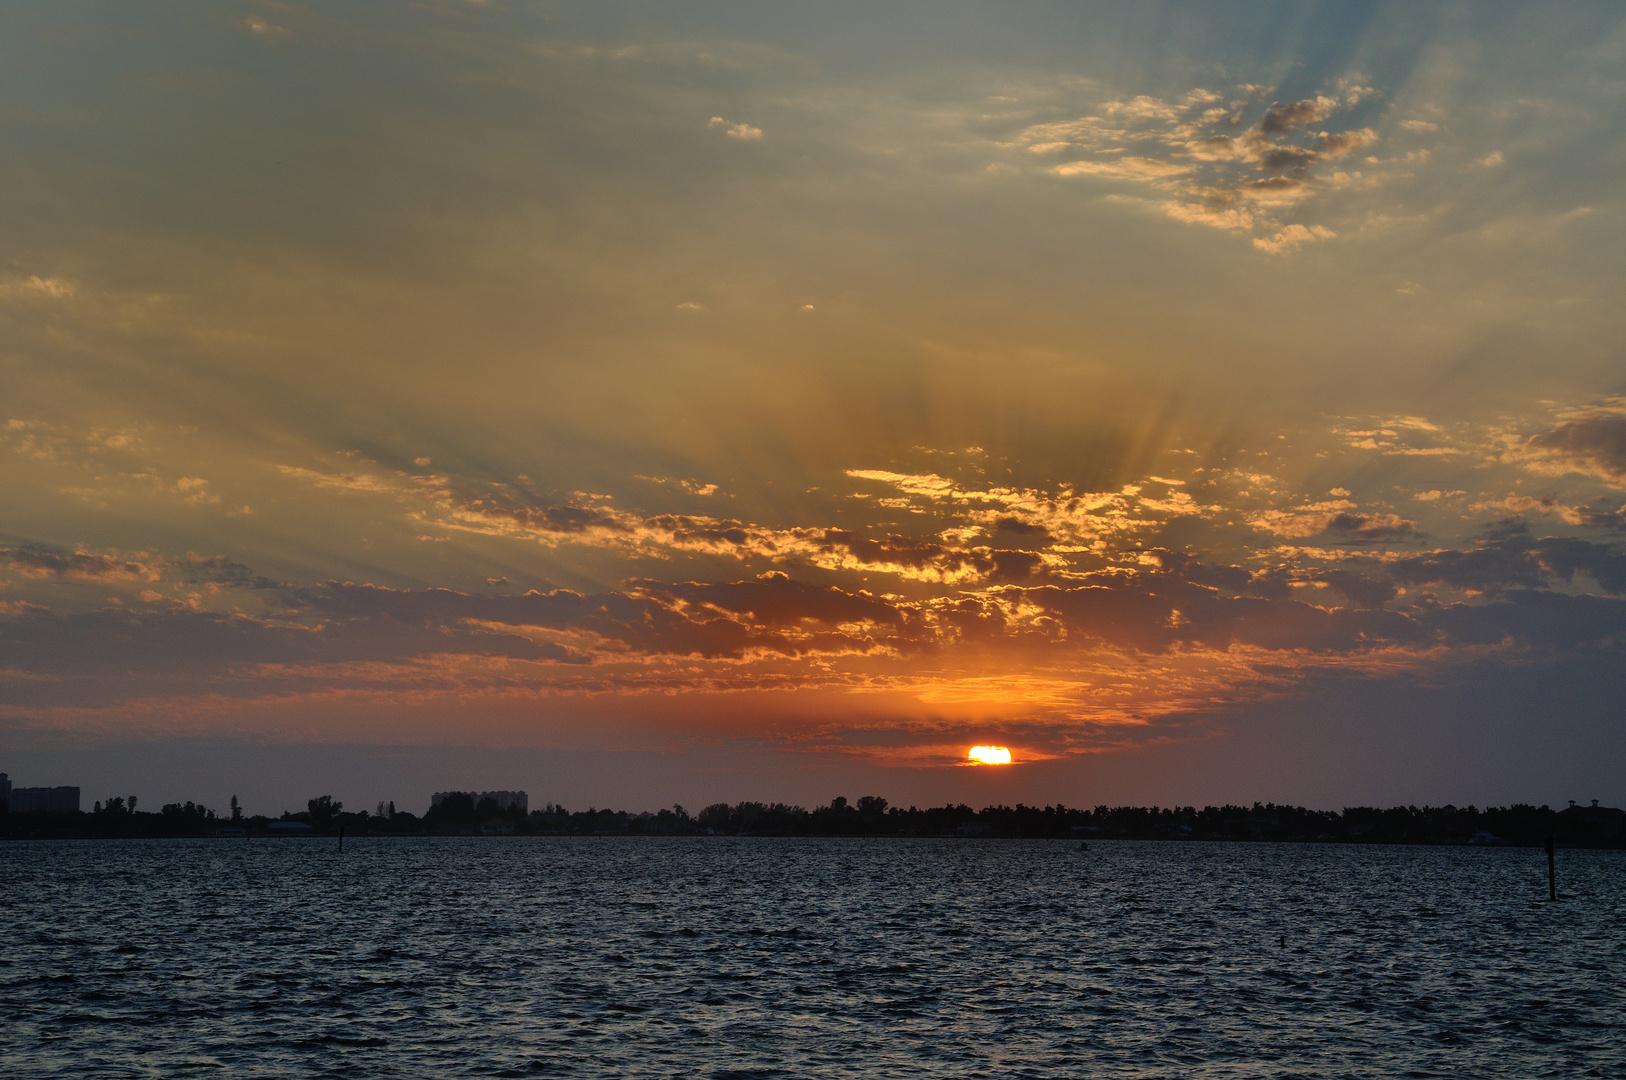 Sonnenuntergang auf Cape Coral, FL